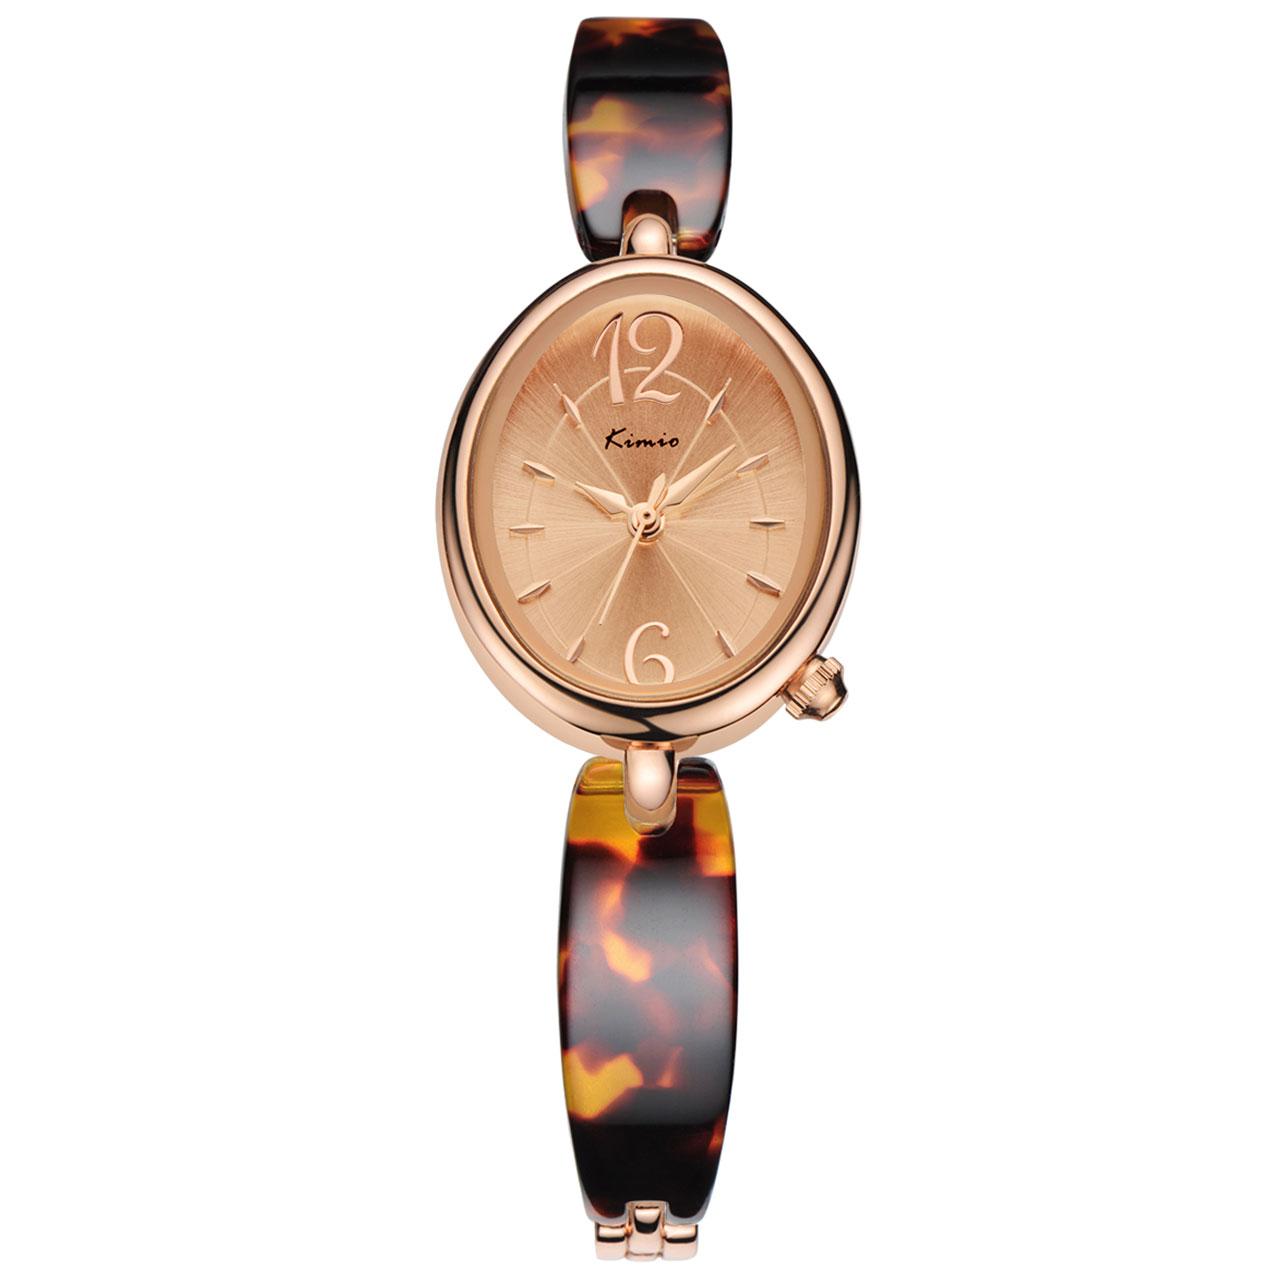 خرید ساعت مچی عقربهای زنانه کیمیو مدل KW6040S-RGC06